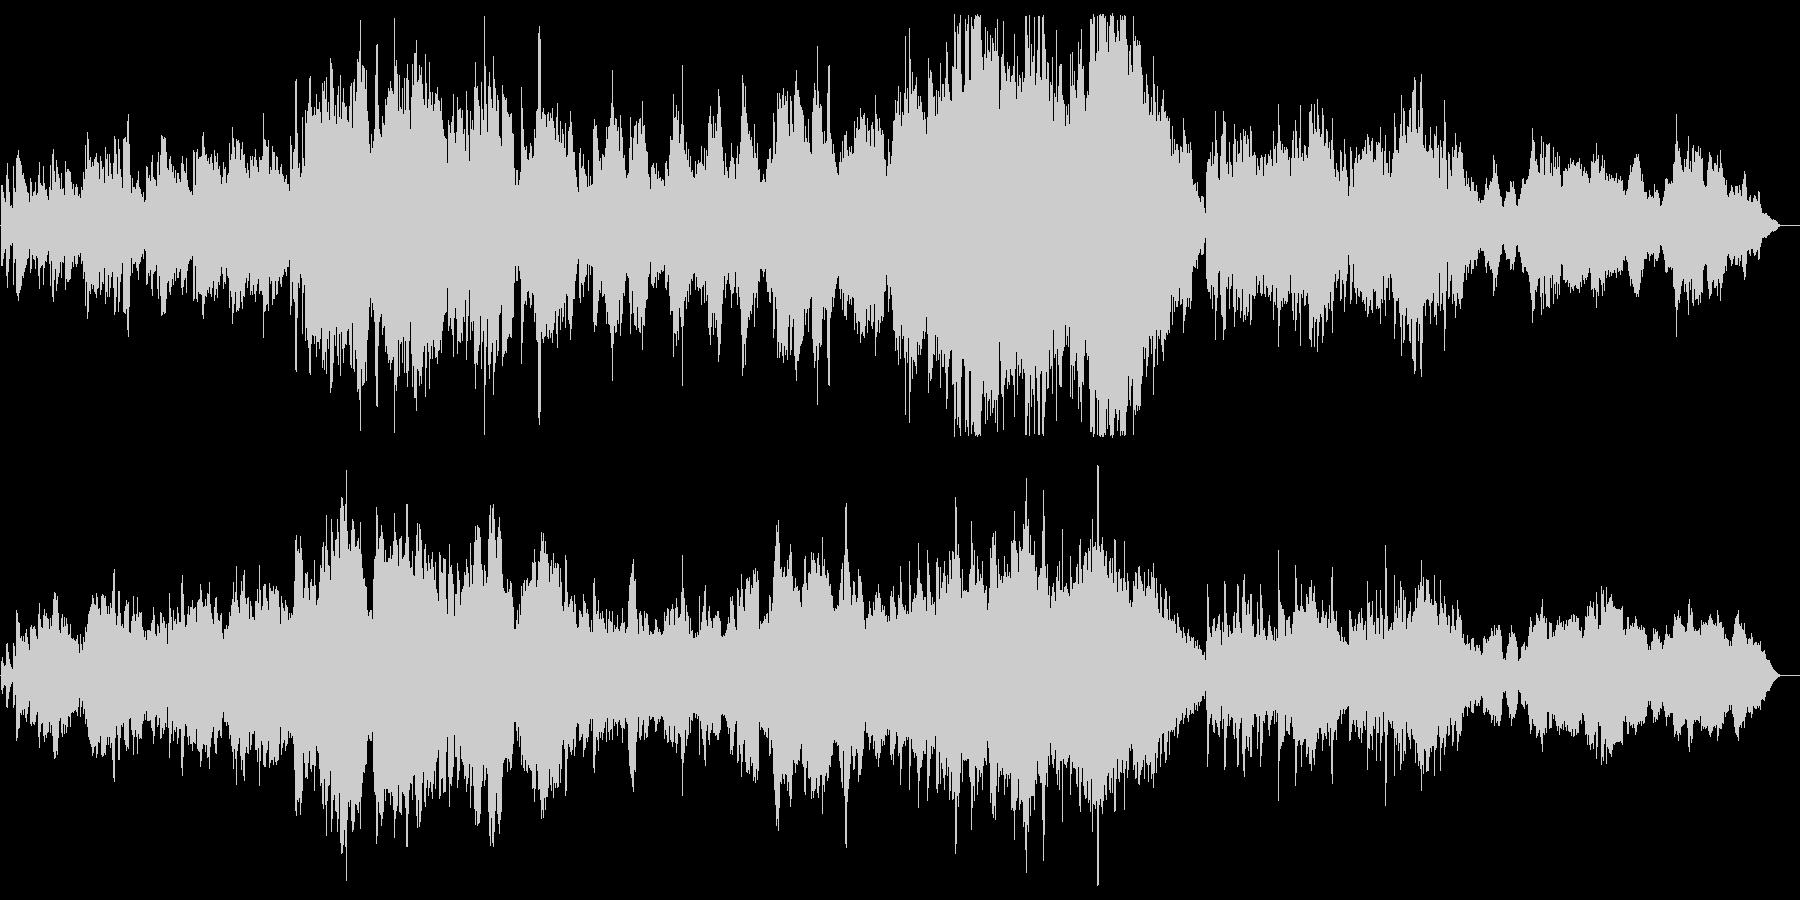 美しい滑らかなピアノの曲の未再生の波形